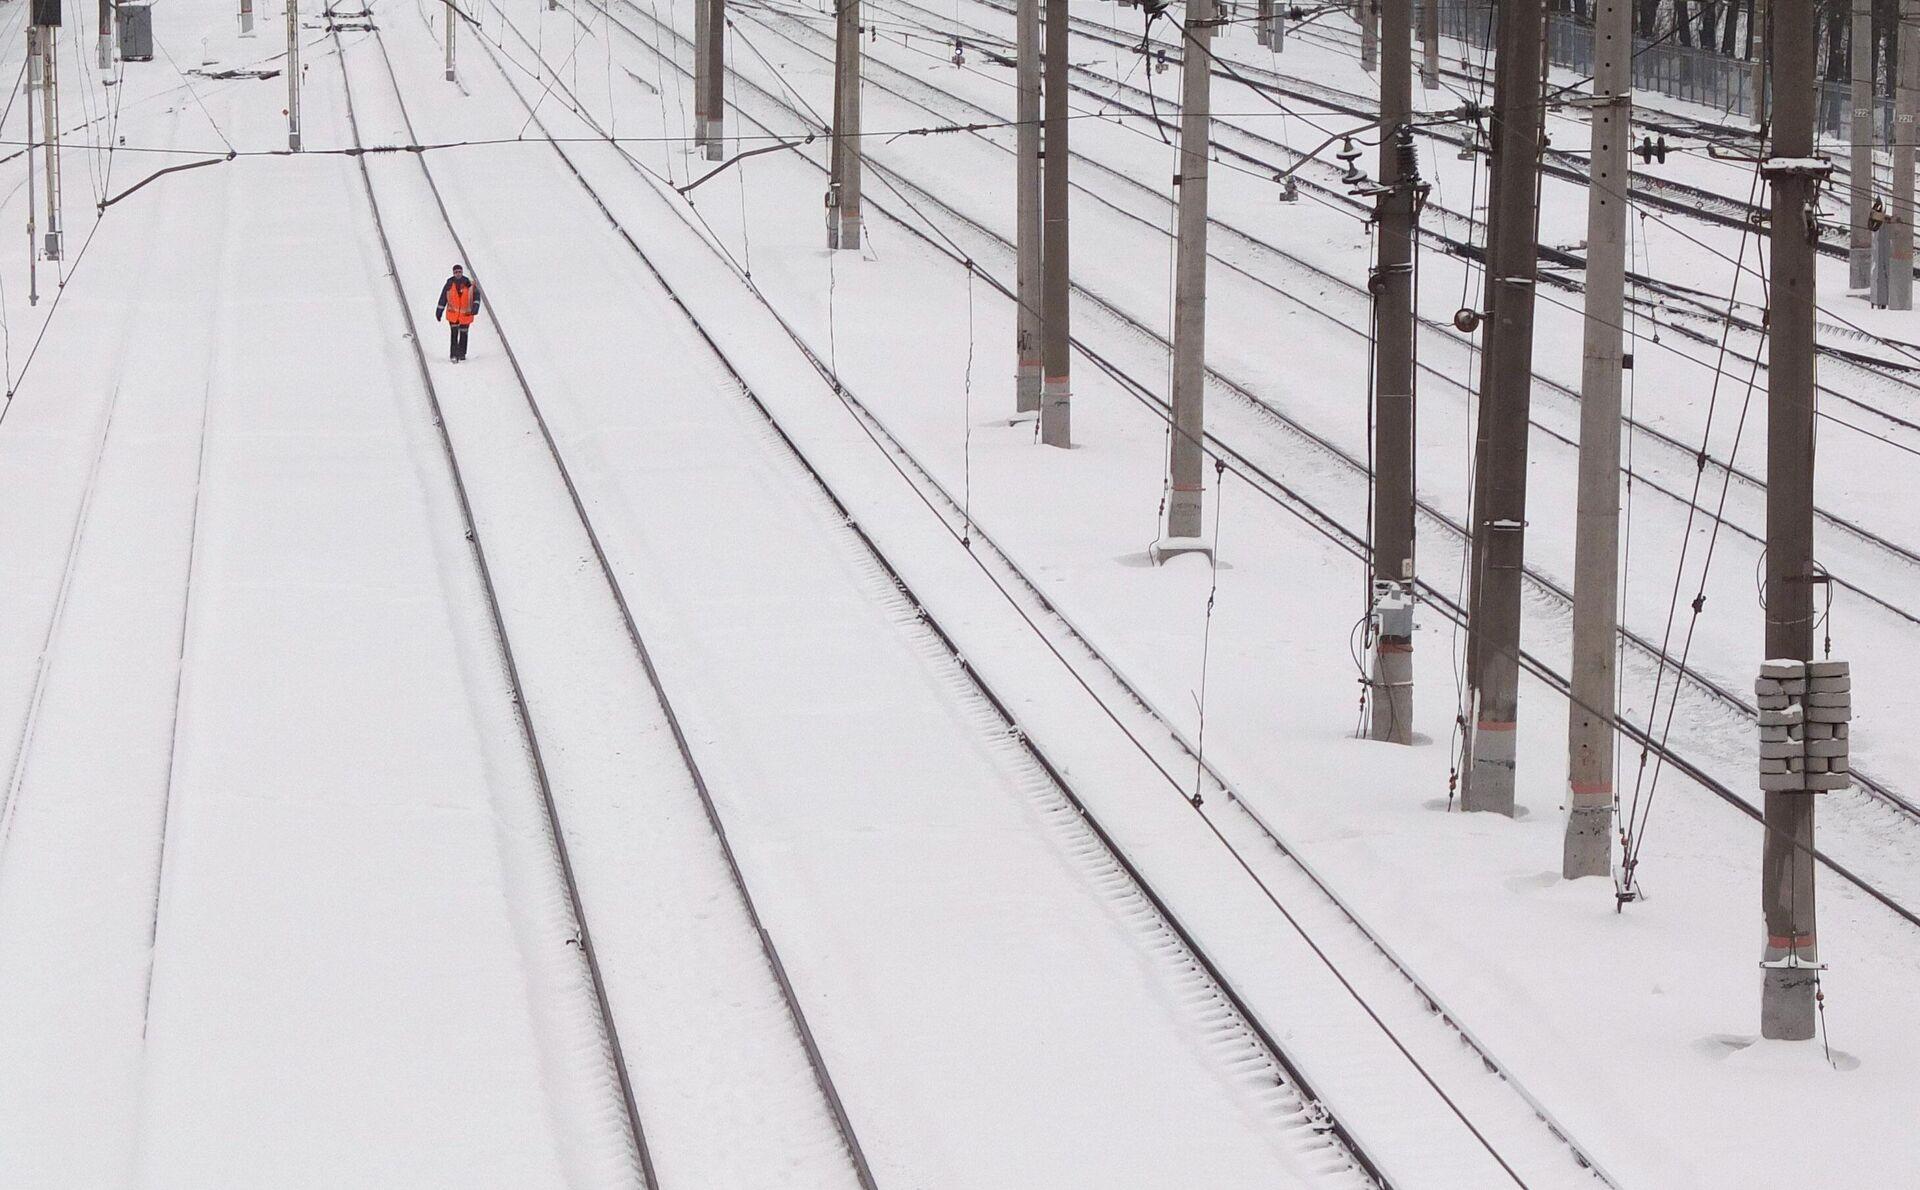 Работник железной дороги обходит железнодорожные пути  - РИА Новости, 1920, 07.02.2021